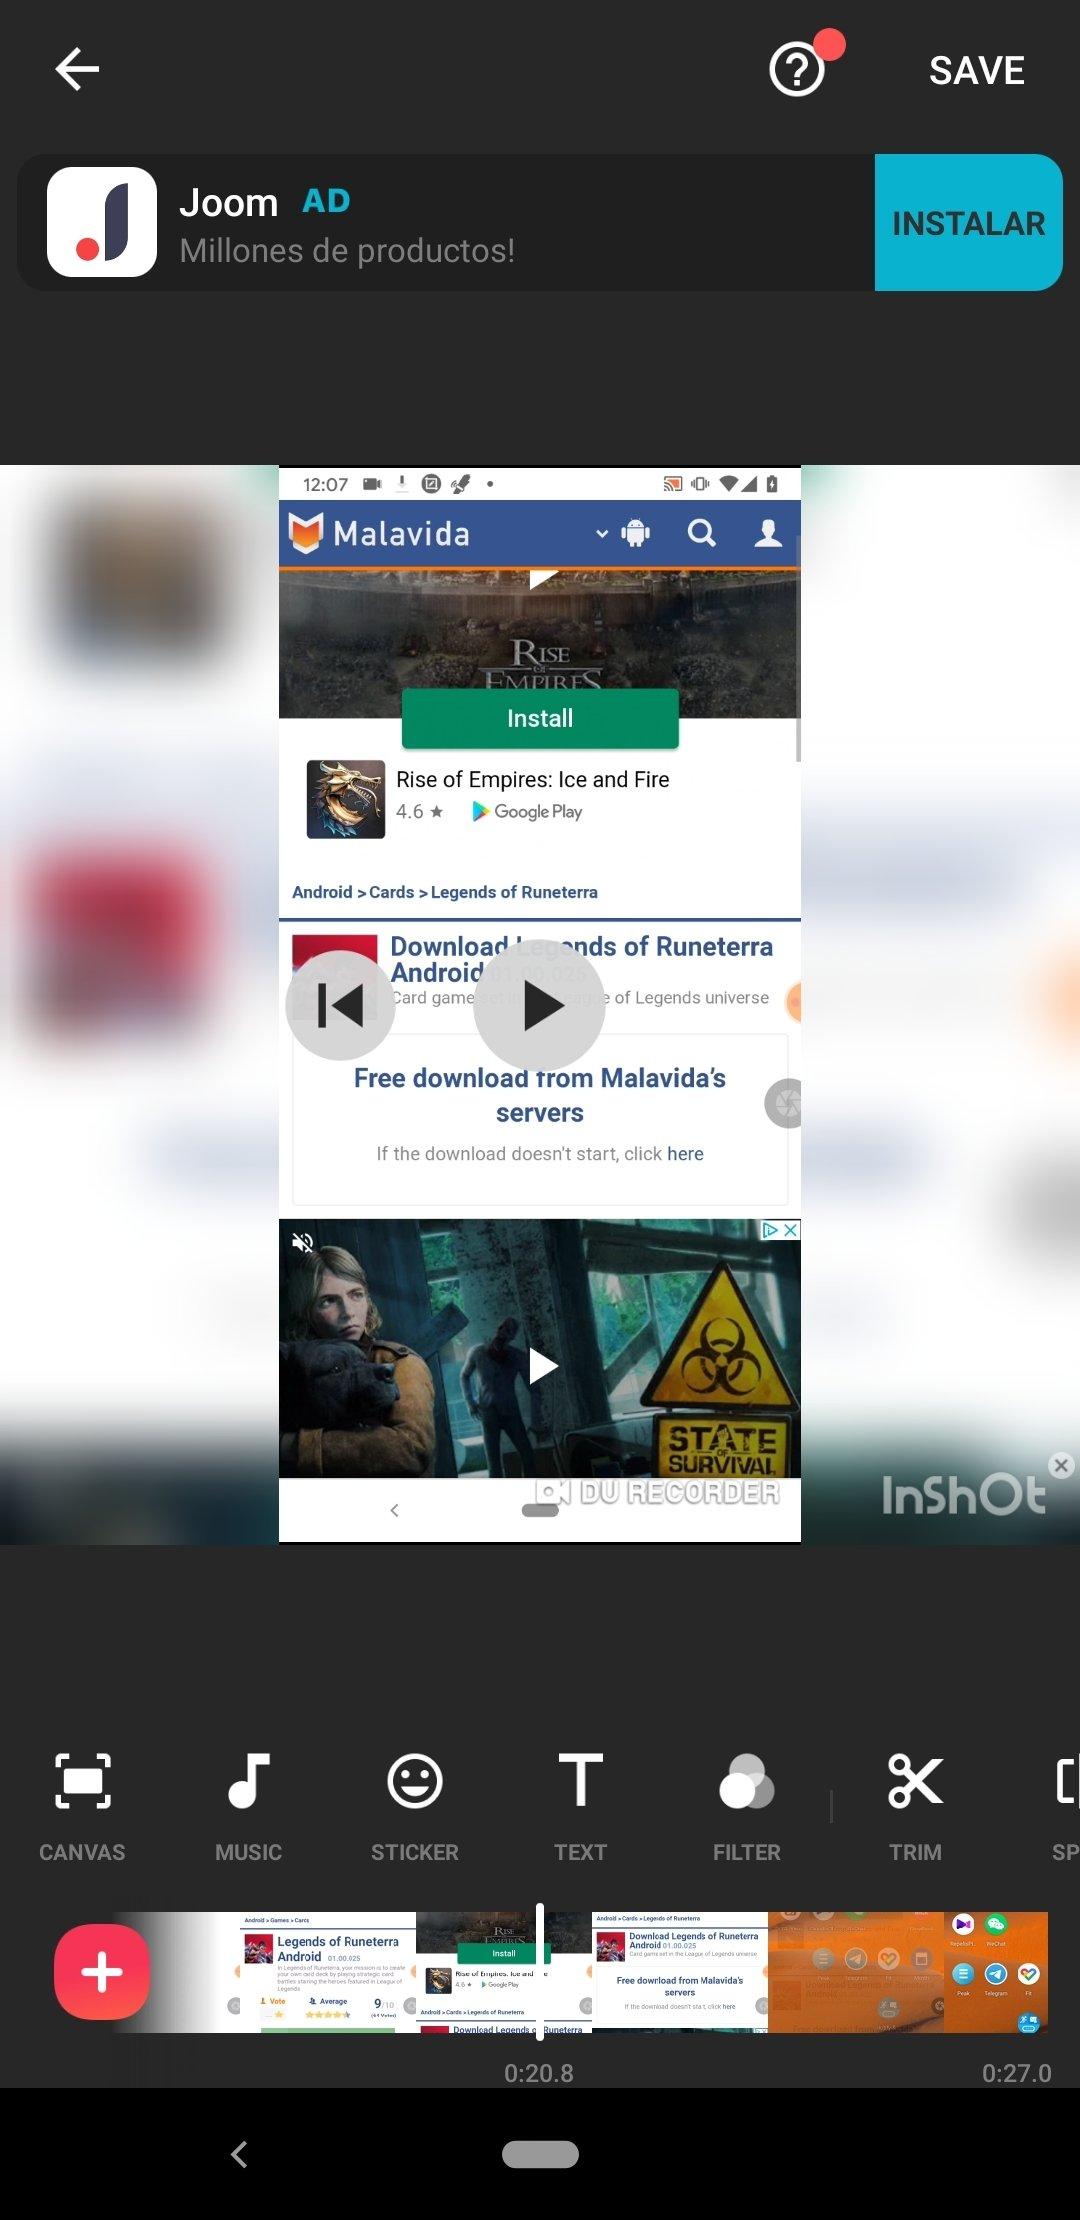 InShot - Éditeur Vidéo & Photo Android image 8